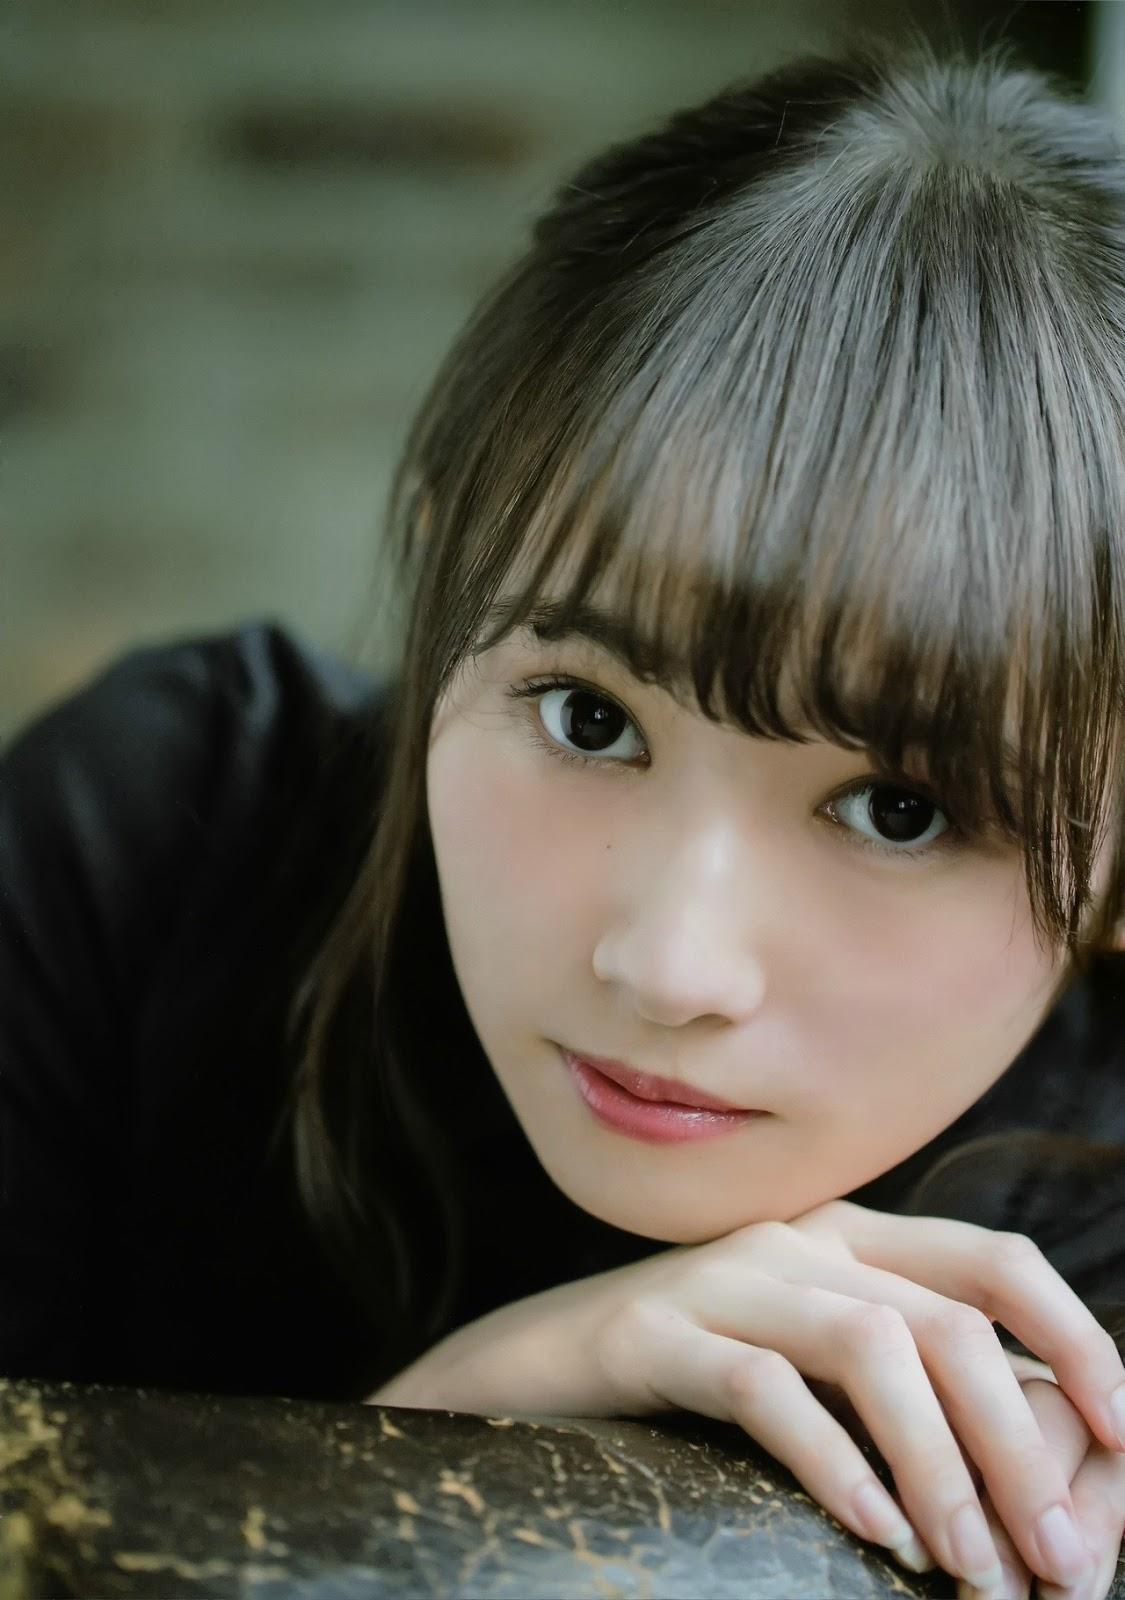 欅坂46渡辺梨加の写真集水着グラビア&アイコラエロ画像97枚・37枚目の画像